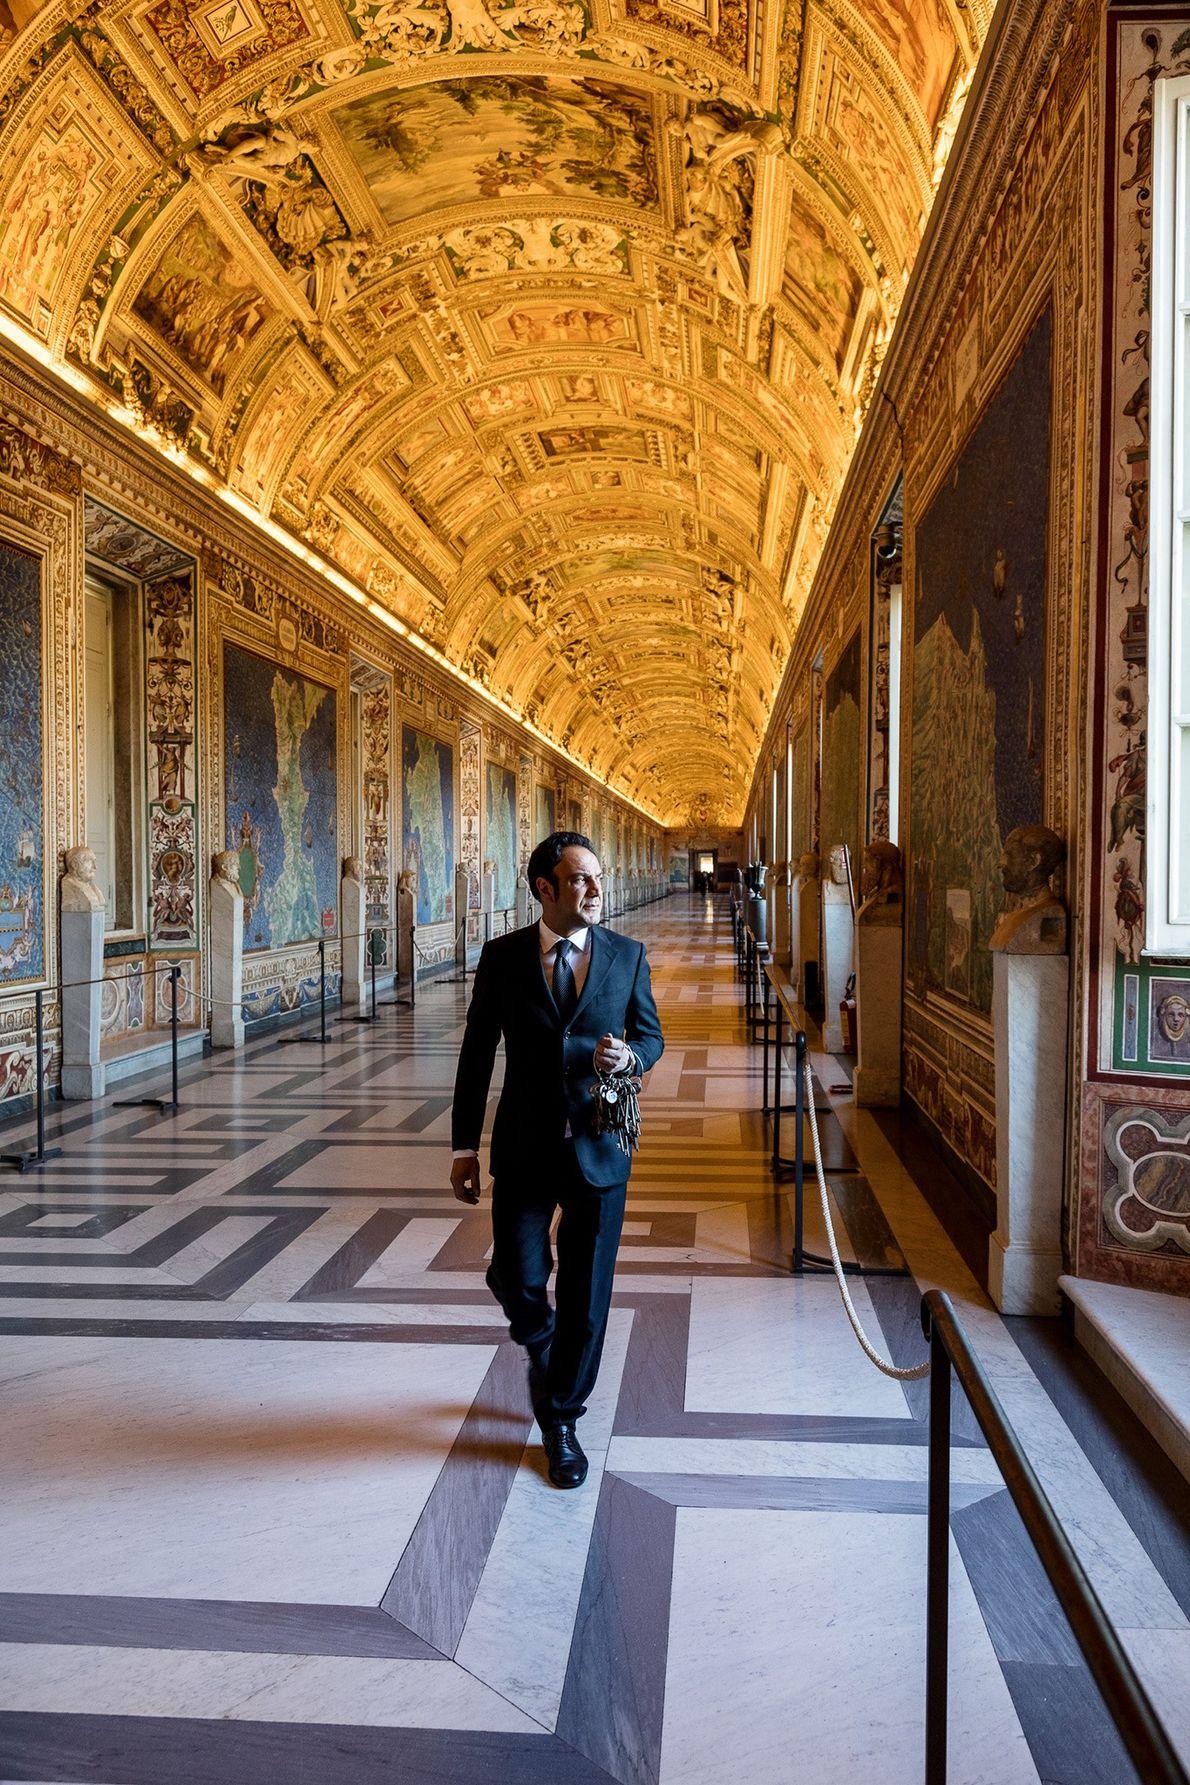 40 fresques représentant des cartes de l'Italie décorent la Galerie des Cartes Géographiques. C'est le Pape ...